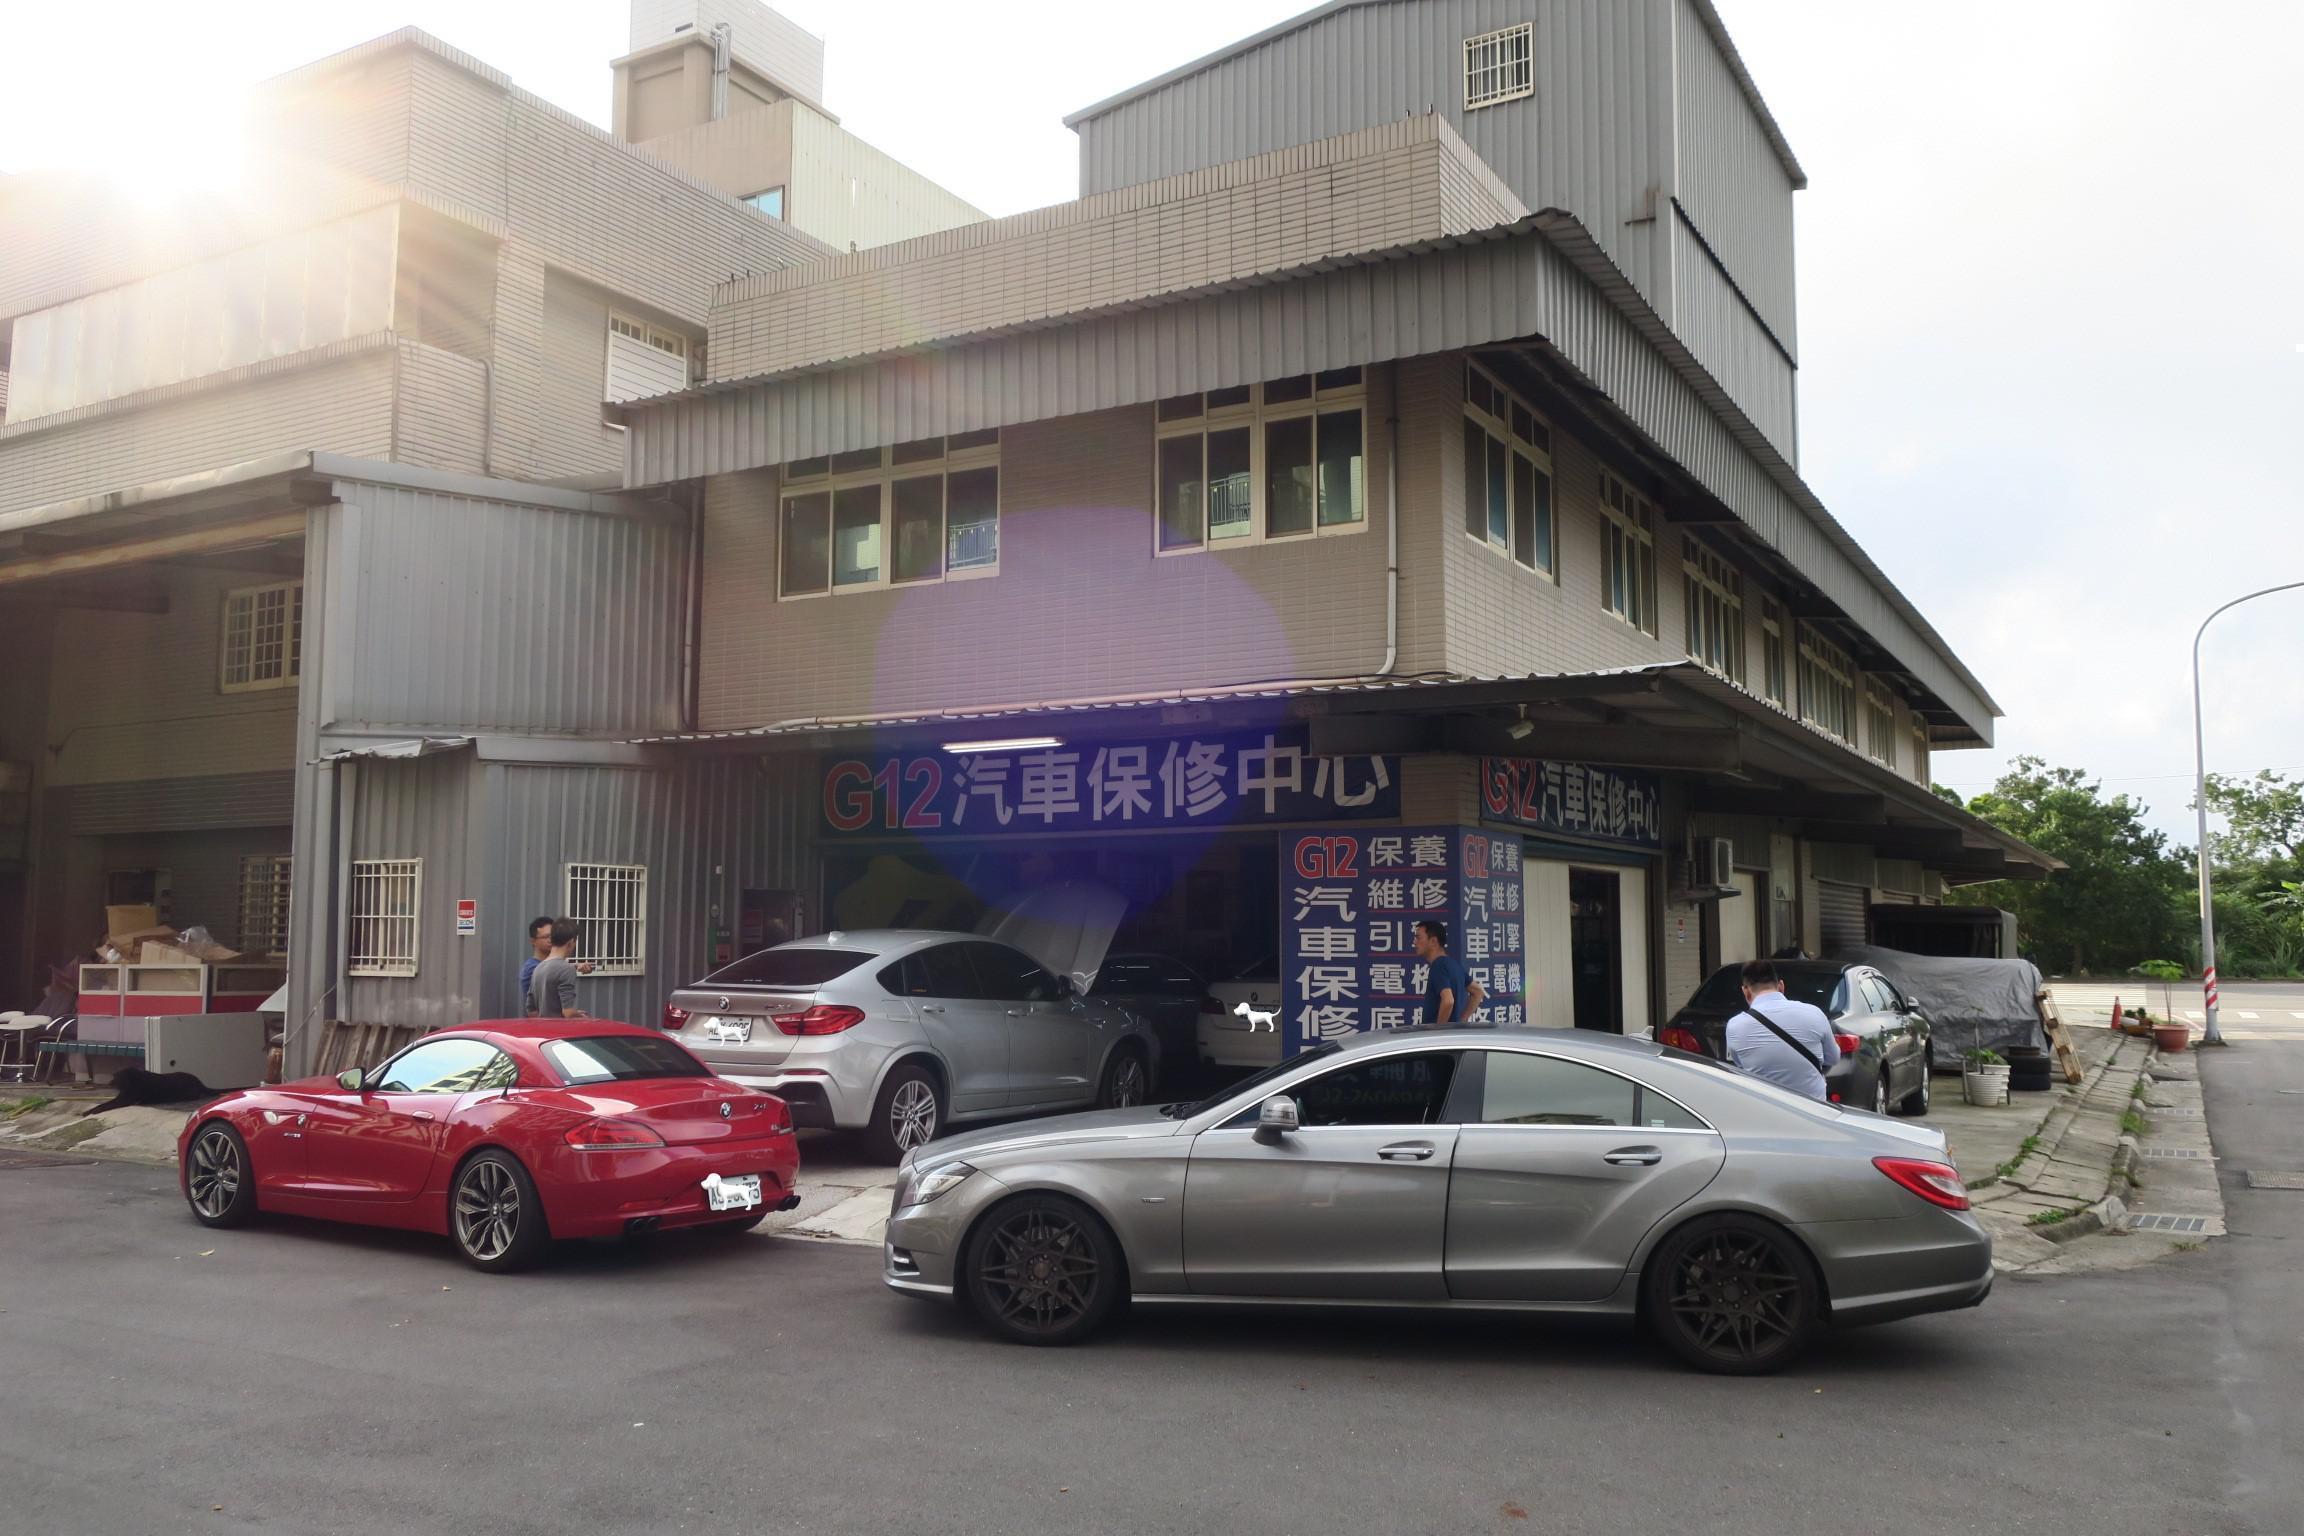 OiCarG12汽車保修中心